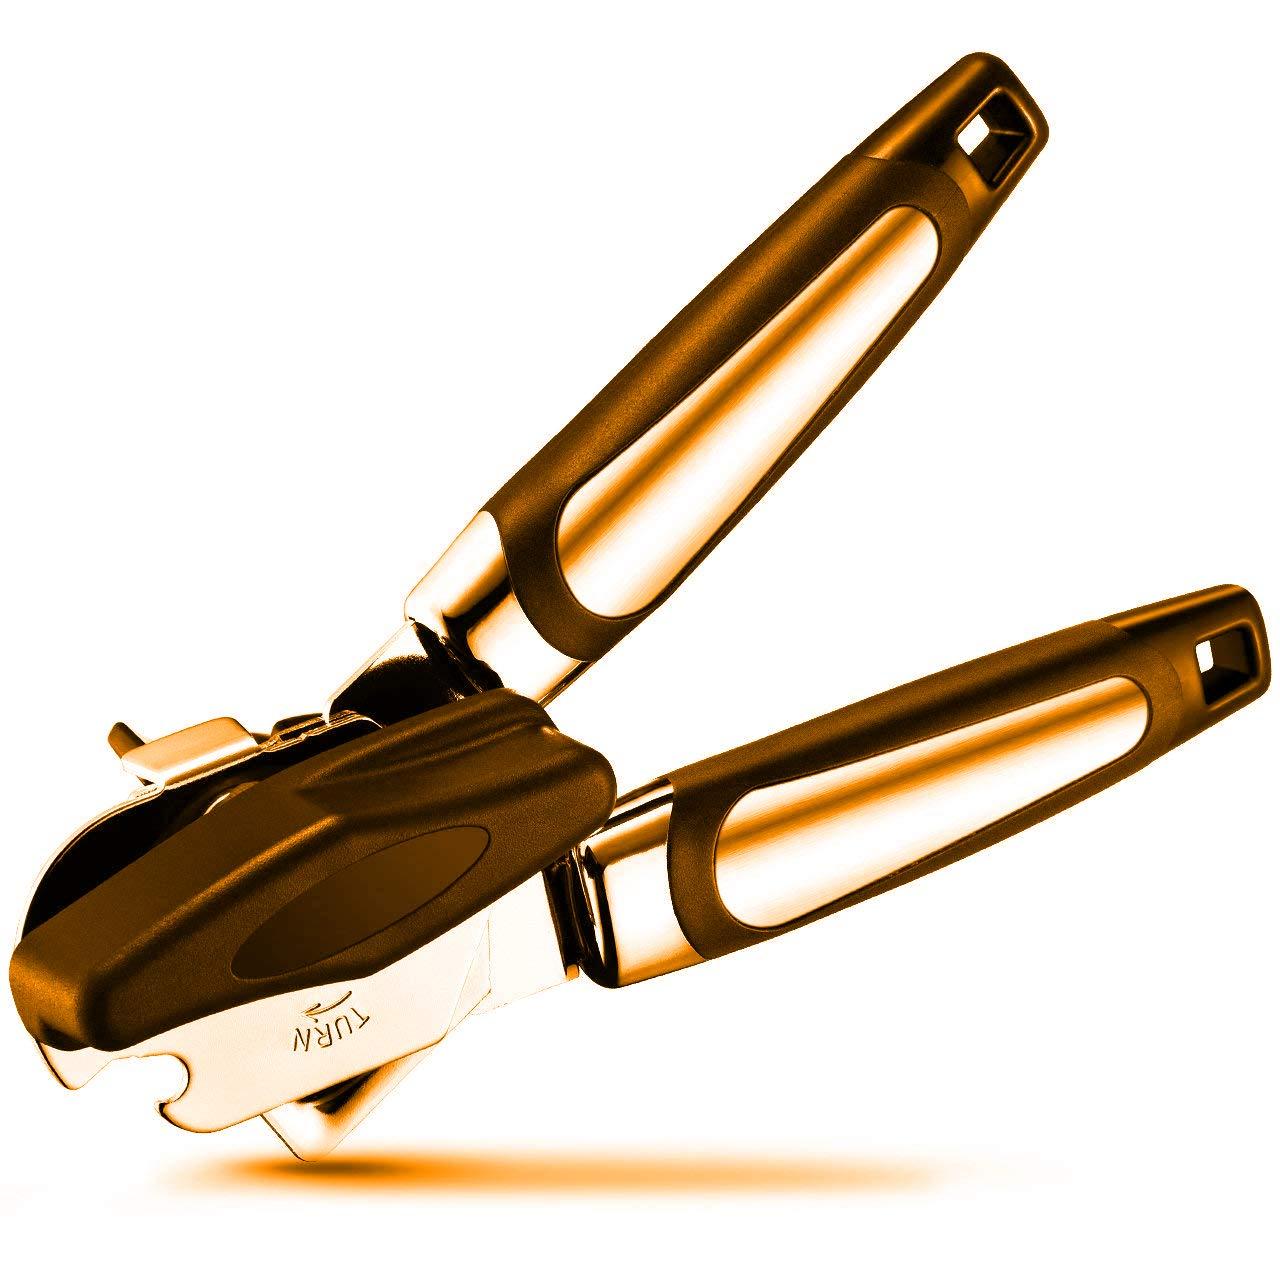 Compra HABOR Termómetro Cocina Plegable Pincho Sonda Acero Inoxidable, Termómetro Digital Comida Líquido Reacción Rápida Pantalla LCD Sujeción Magnética ...